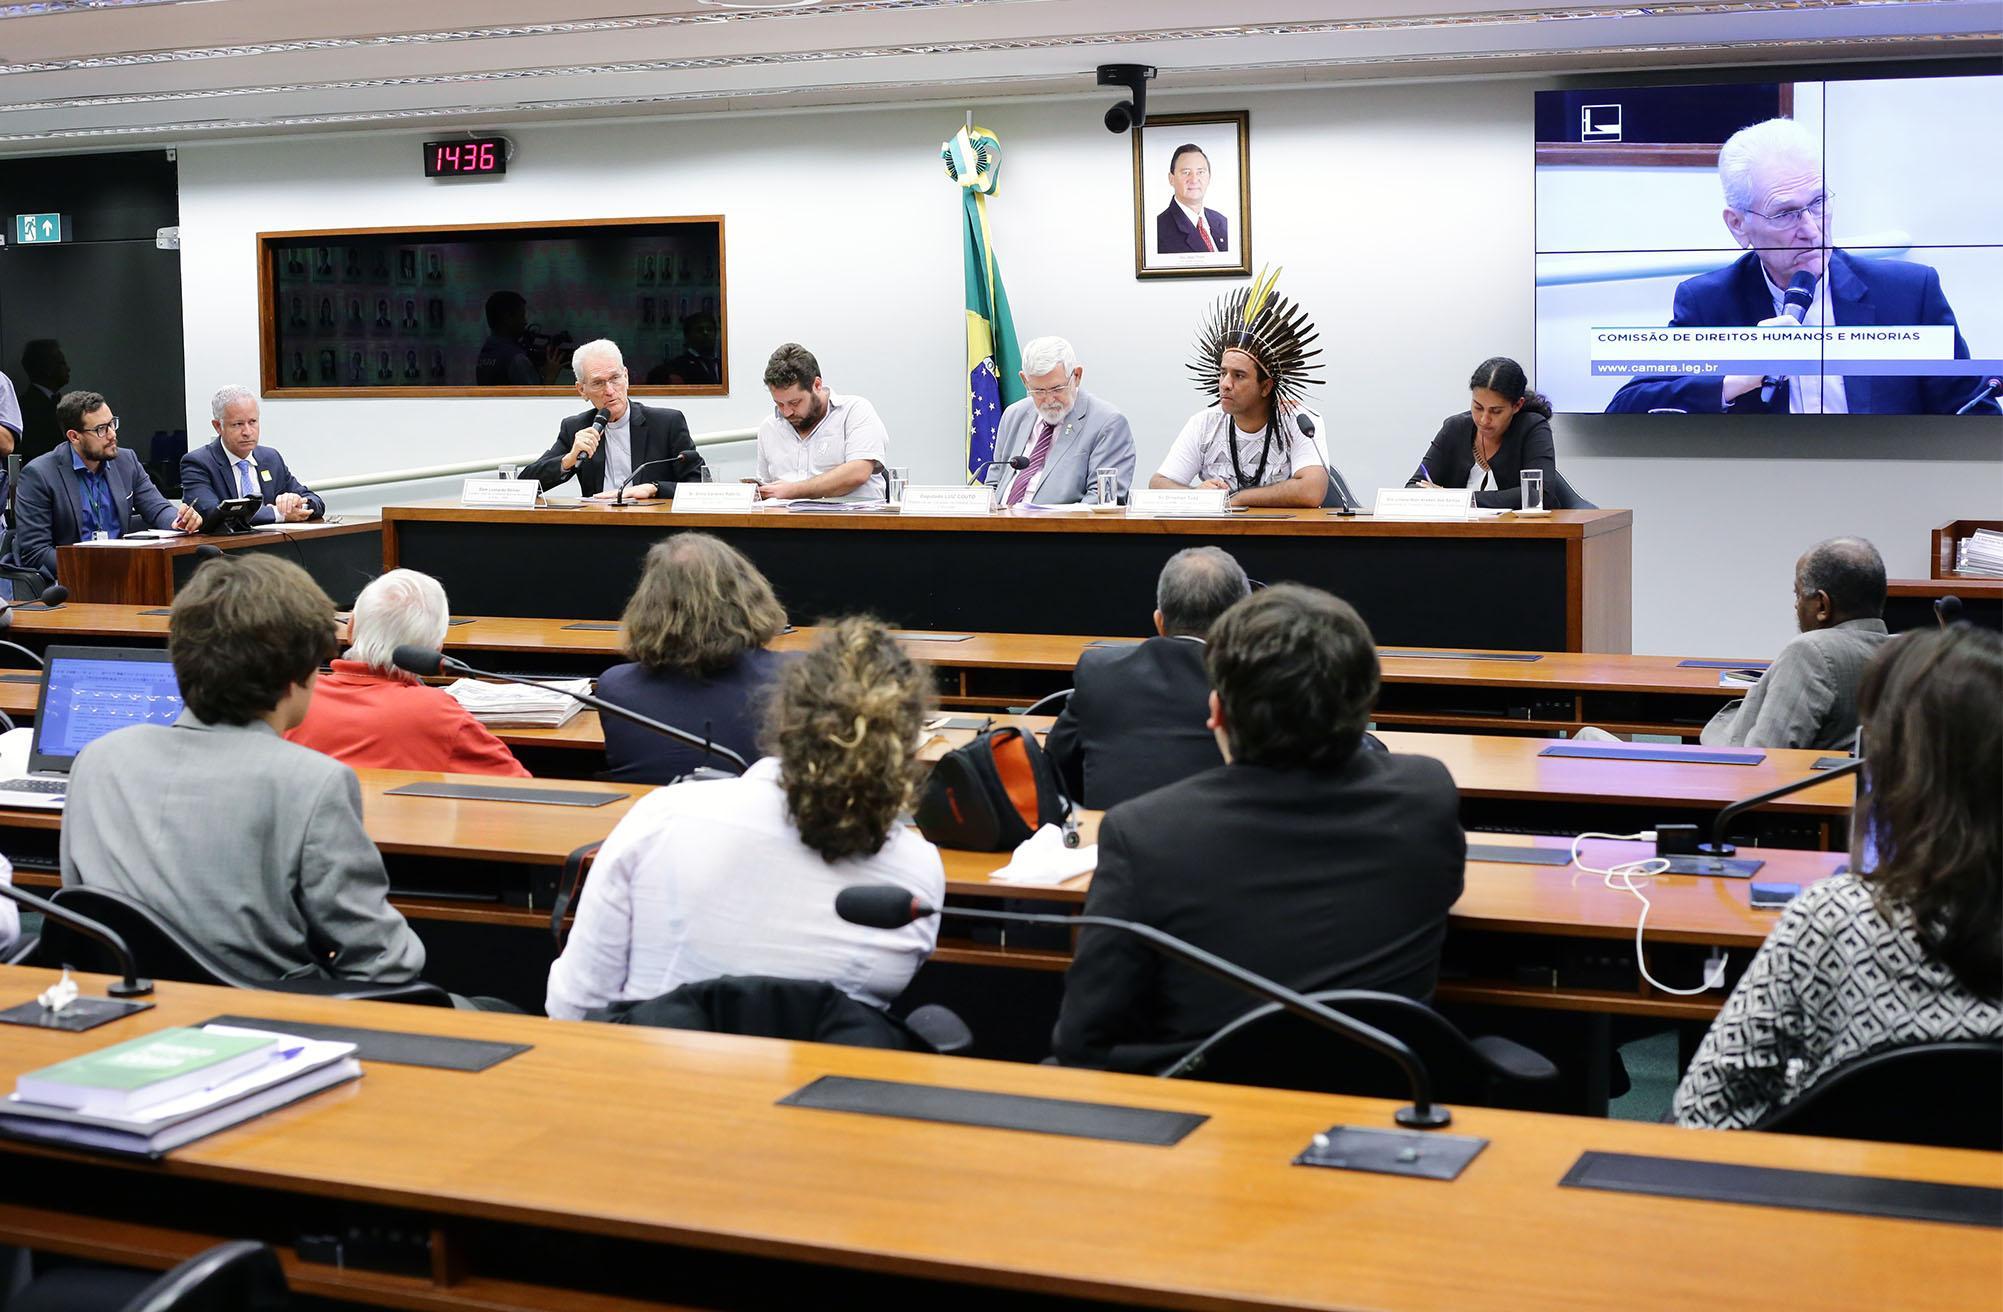 Audiência pública sobre a criminalização e ameaças contra defensores de direitos humanos no Brasil